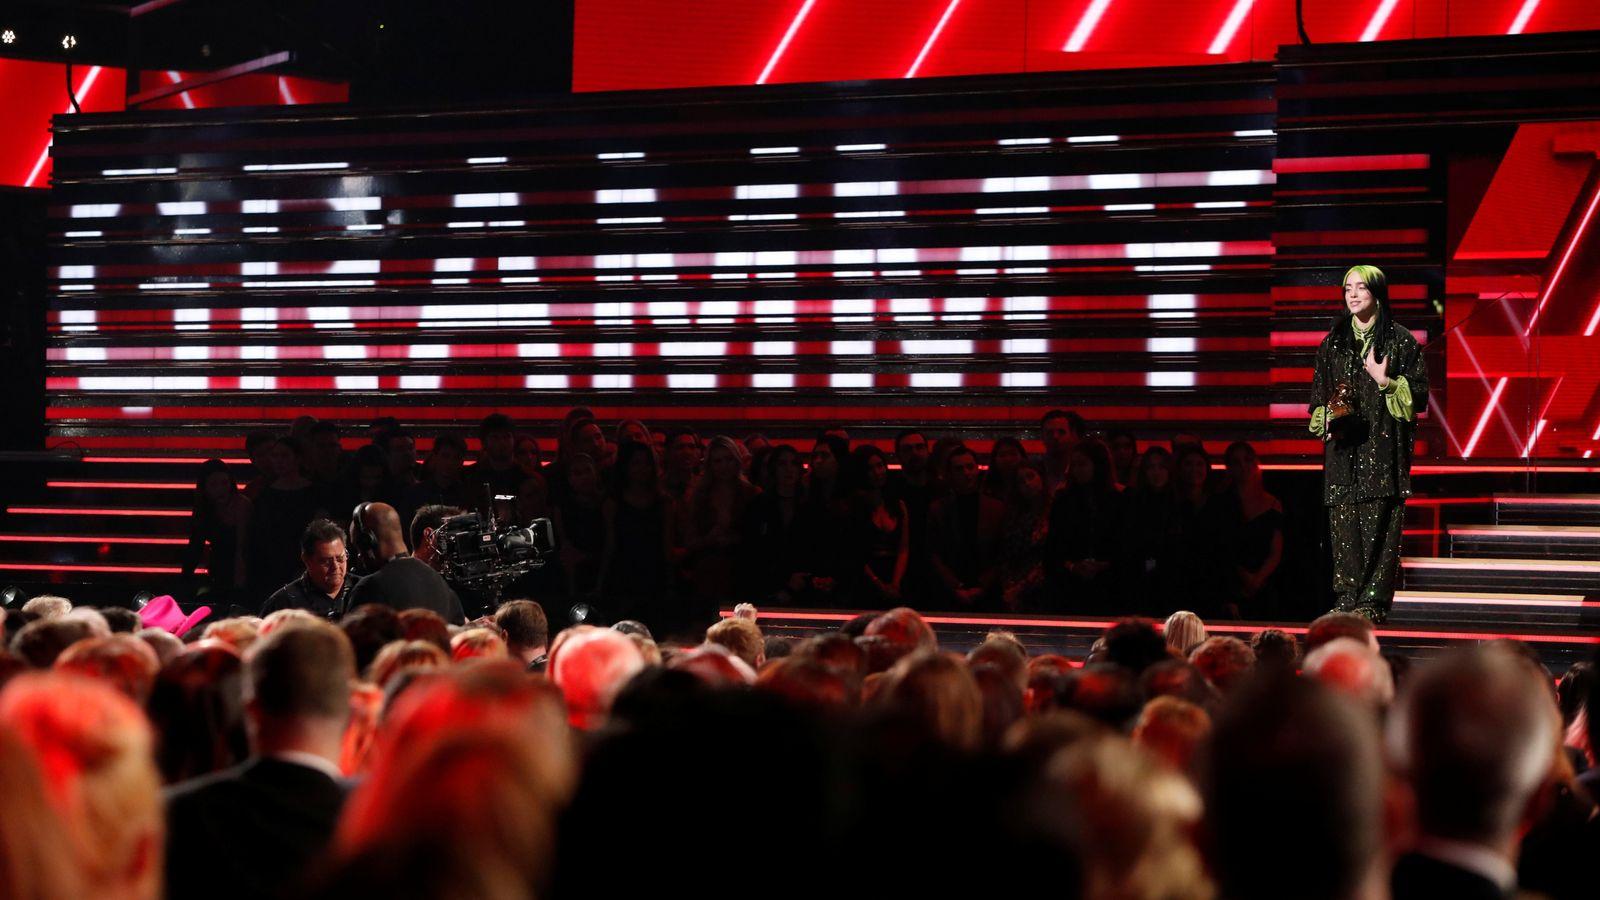 Los Grammy se han retrasado debido a un aumento en los casos de COVID-19 en Los Ángeles.